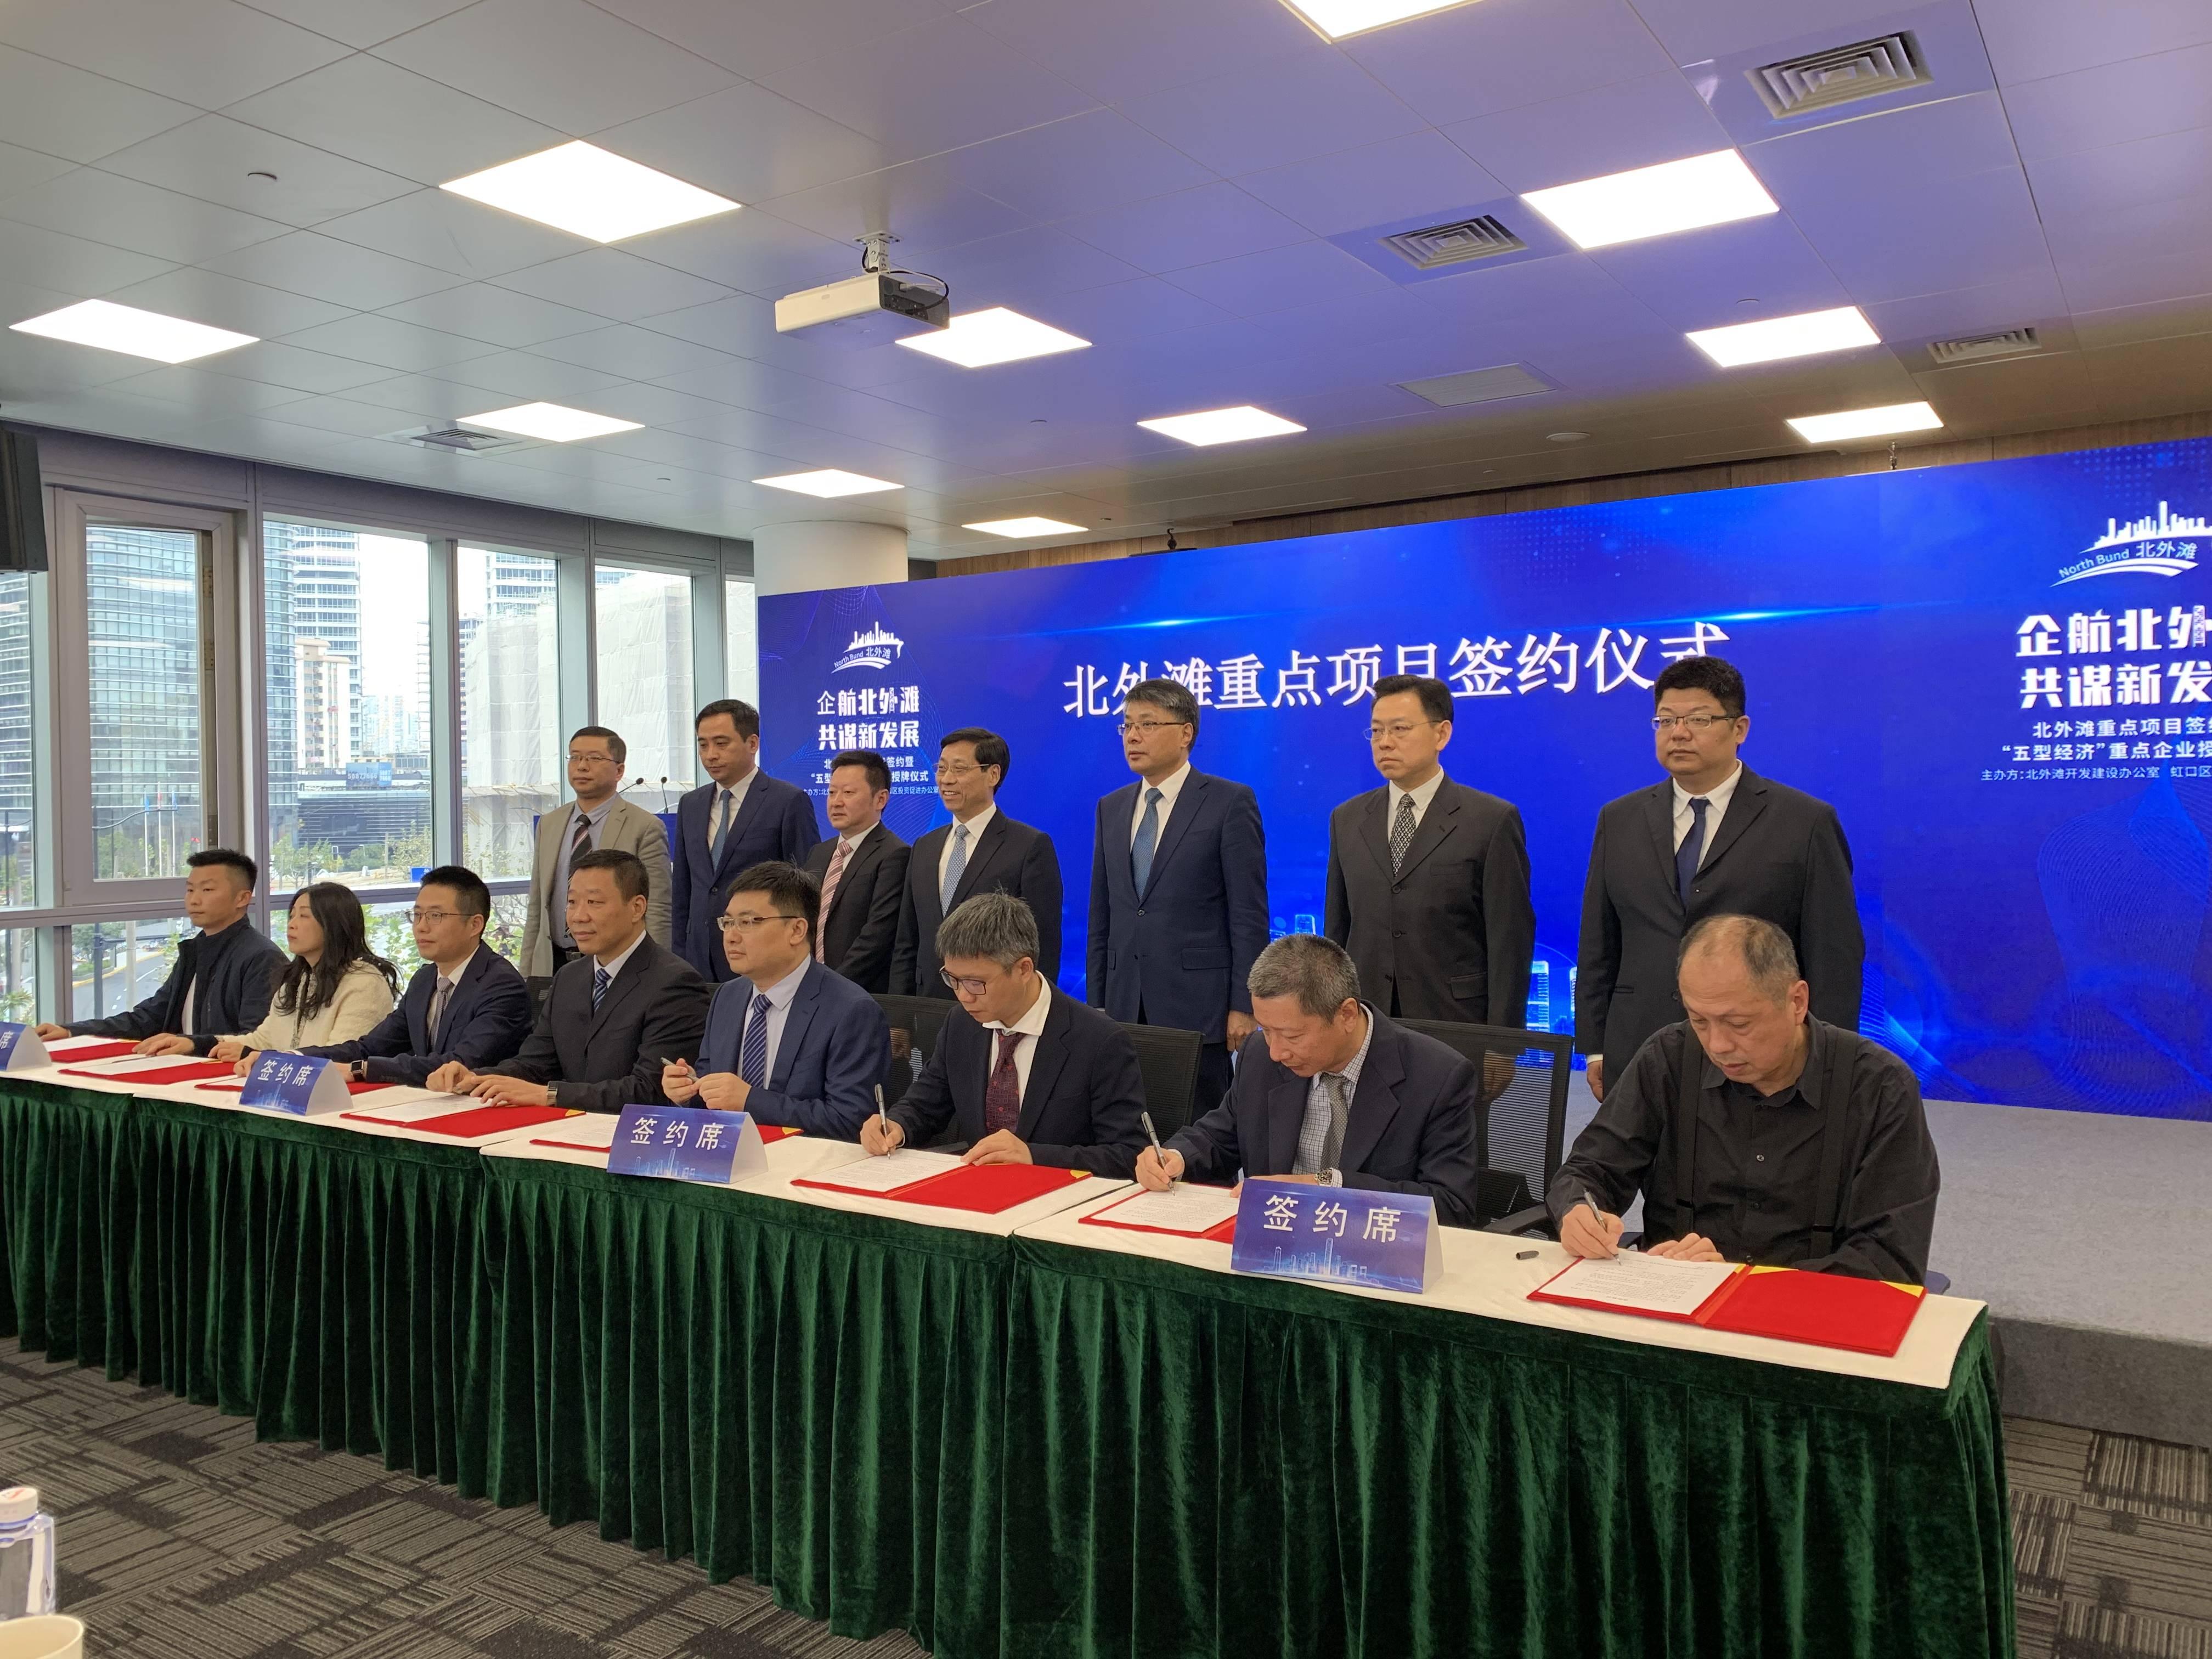 宝马、得物、西门子……近40个重点项目集中签约上海北外滩